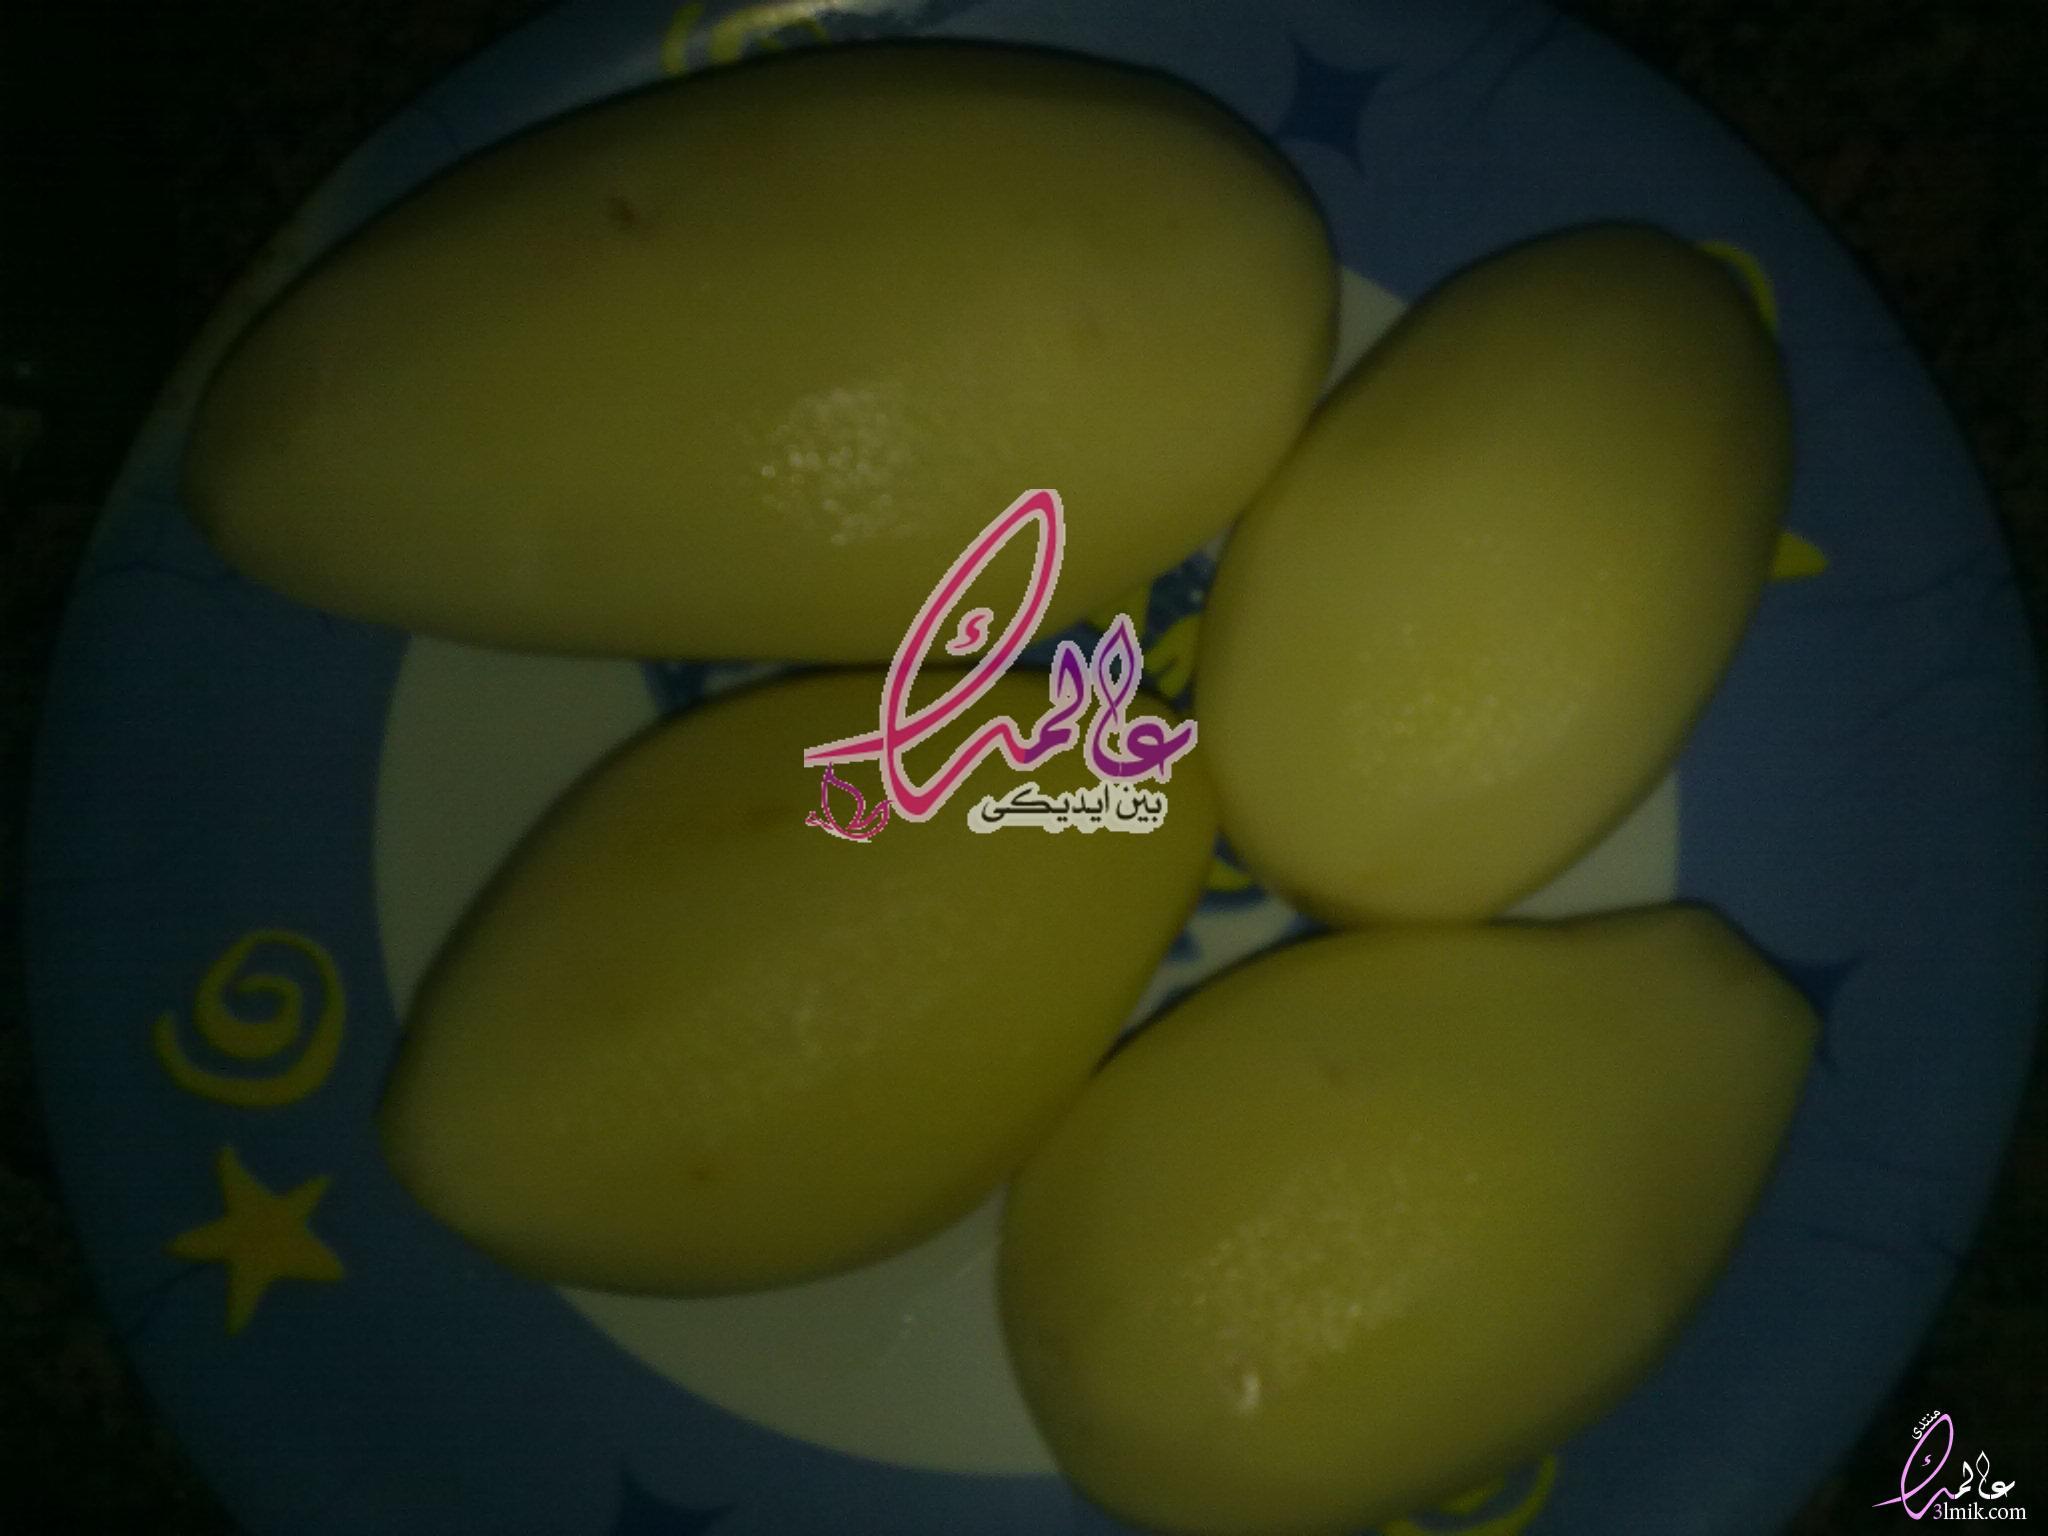 تحضير سلطة البطاطس المكعبات،سلطة البطاطس بالبقدونس،طريقة عمل سلطة البطاطس بالثوم،اسهل طريقة لبطاطس